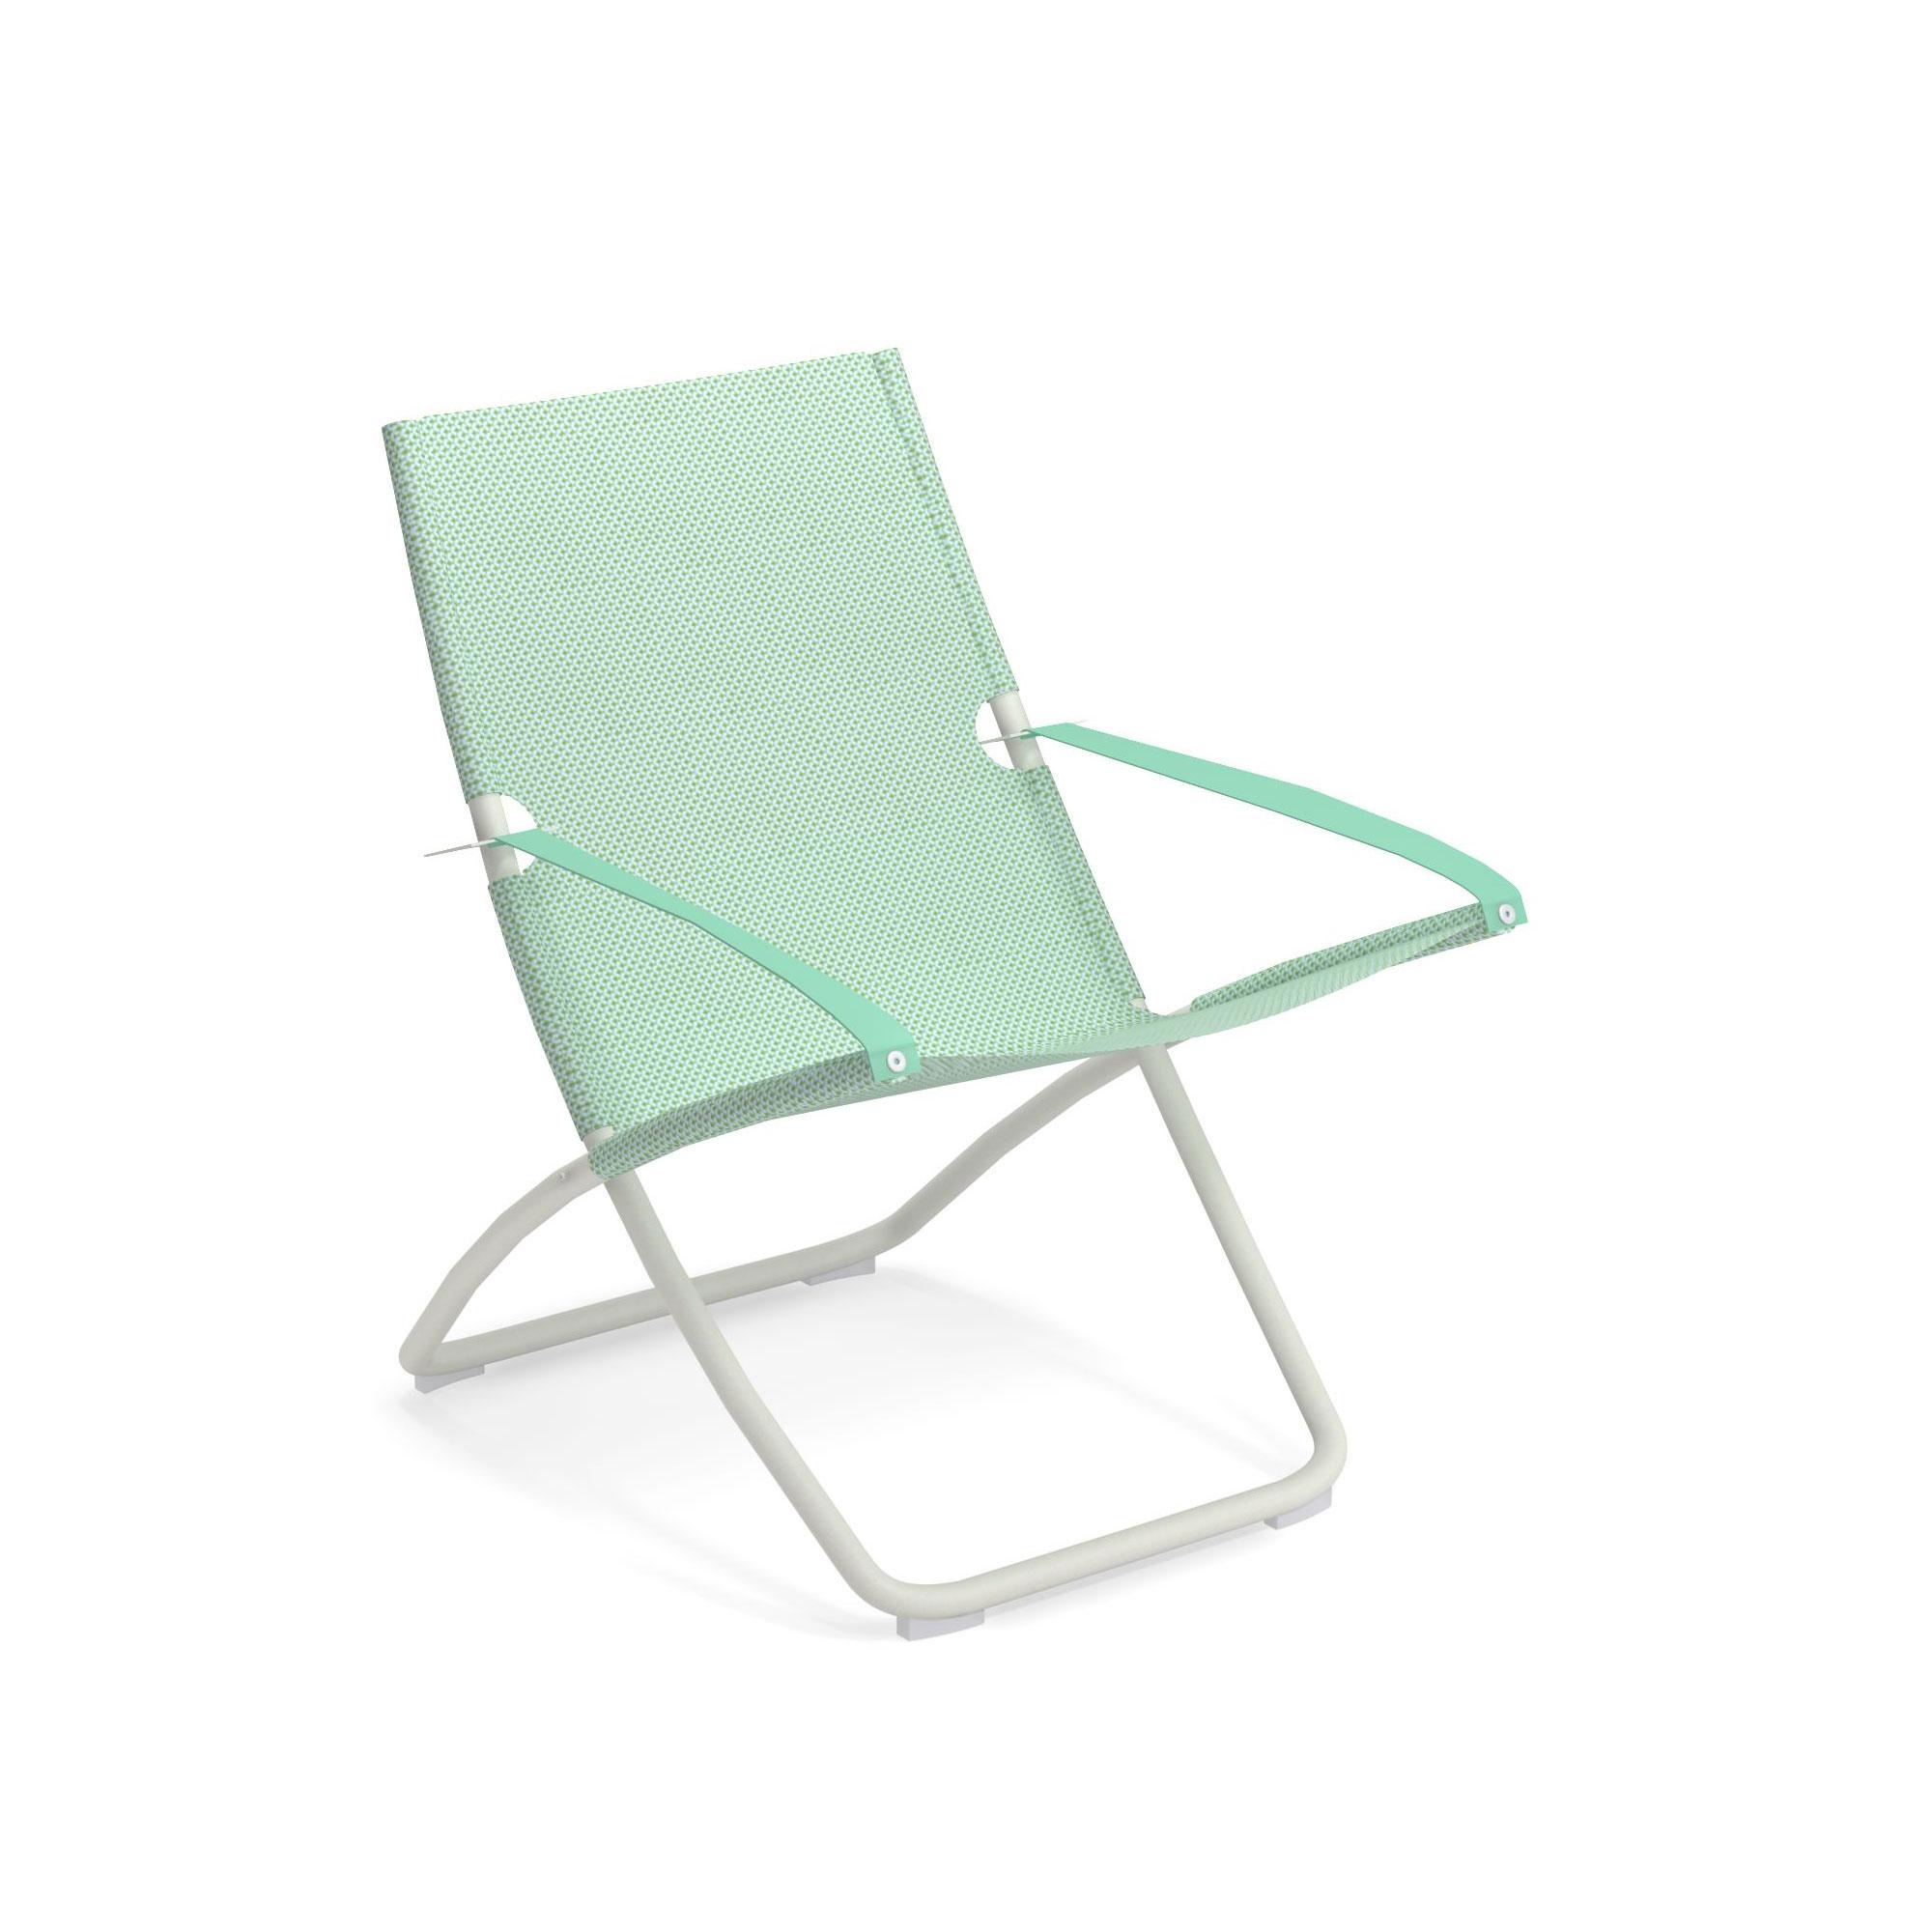 Köp Arc en Ciel Folding Chair från EMU | Nordiska Galleriet